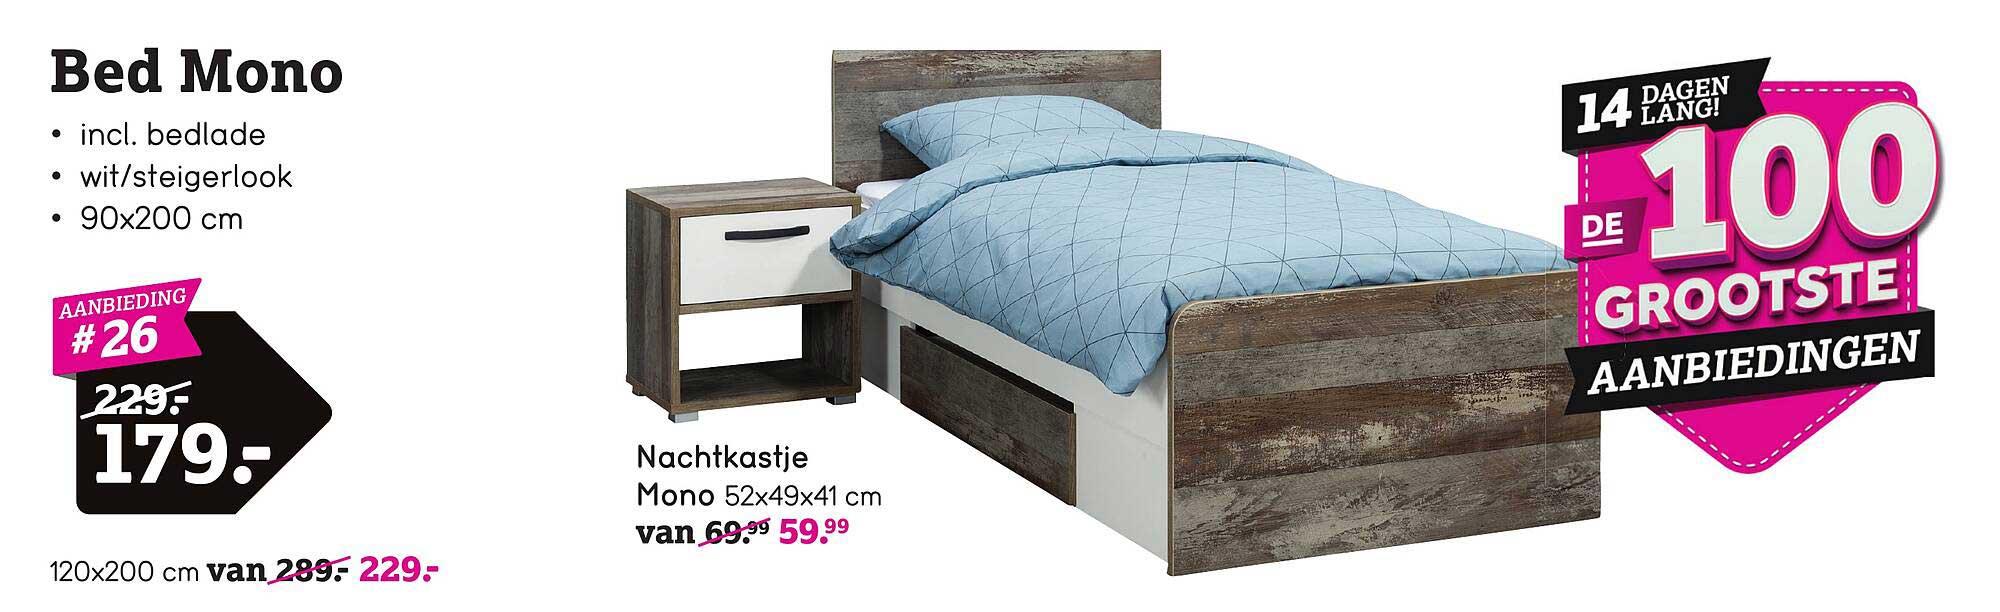 Leen Bakker Bed Mono Of Nachtkastje Mono